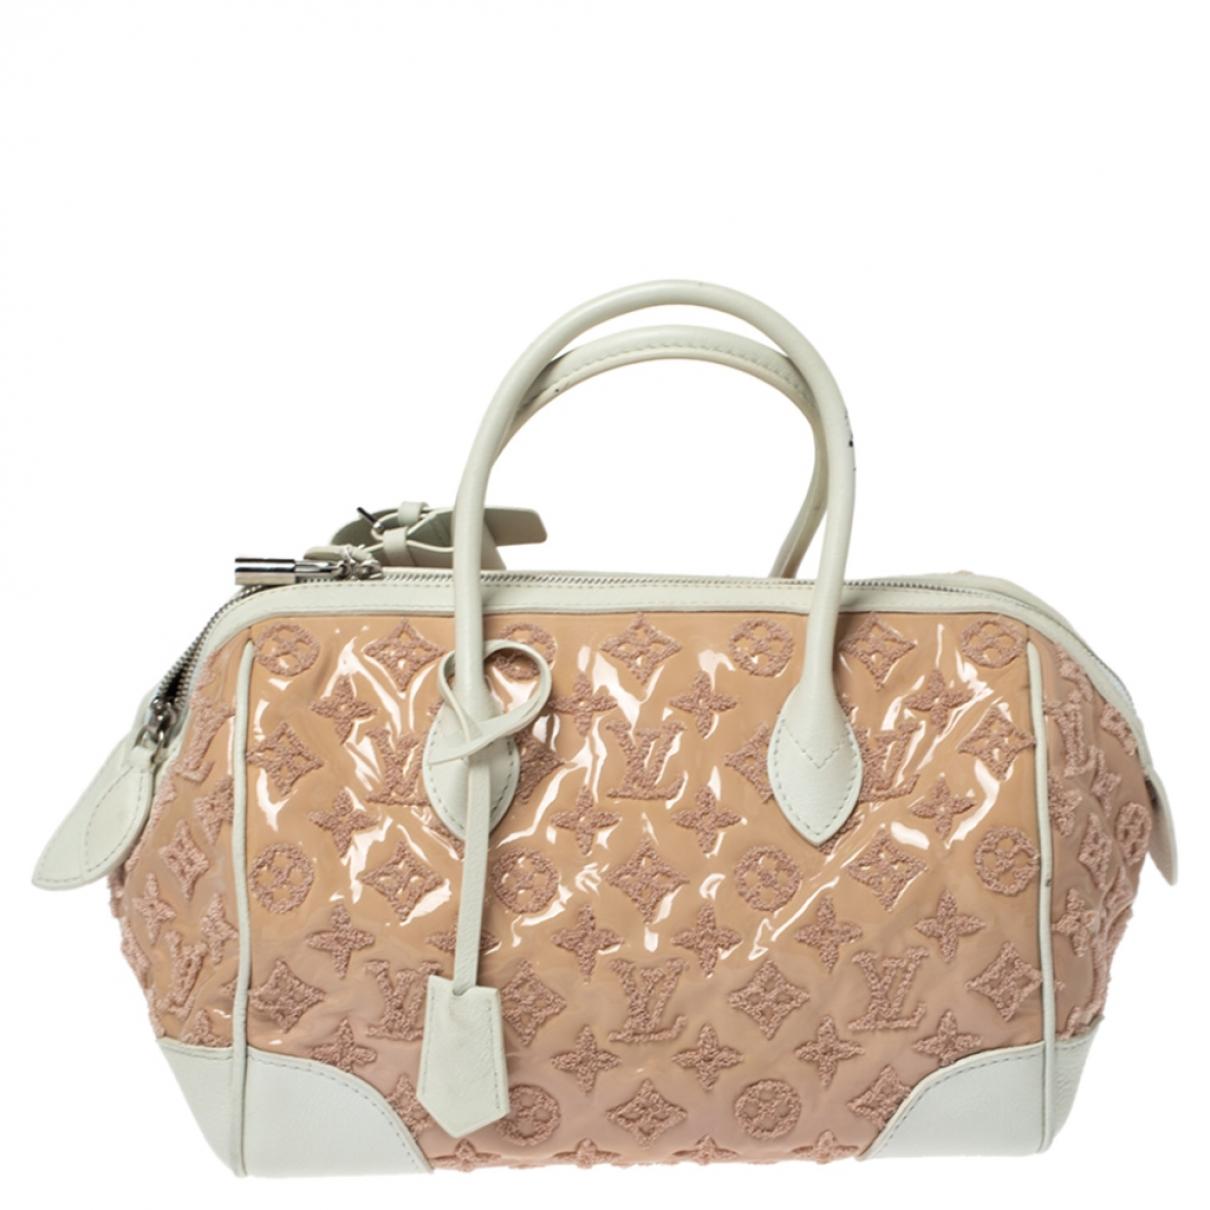 Louis Vuitton - Sac a main Speedy pour femme en cuir verni